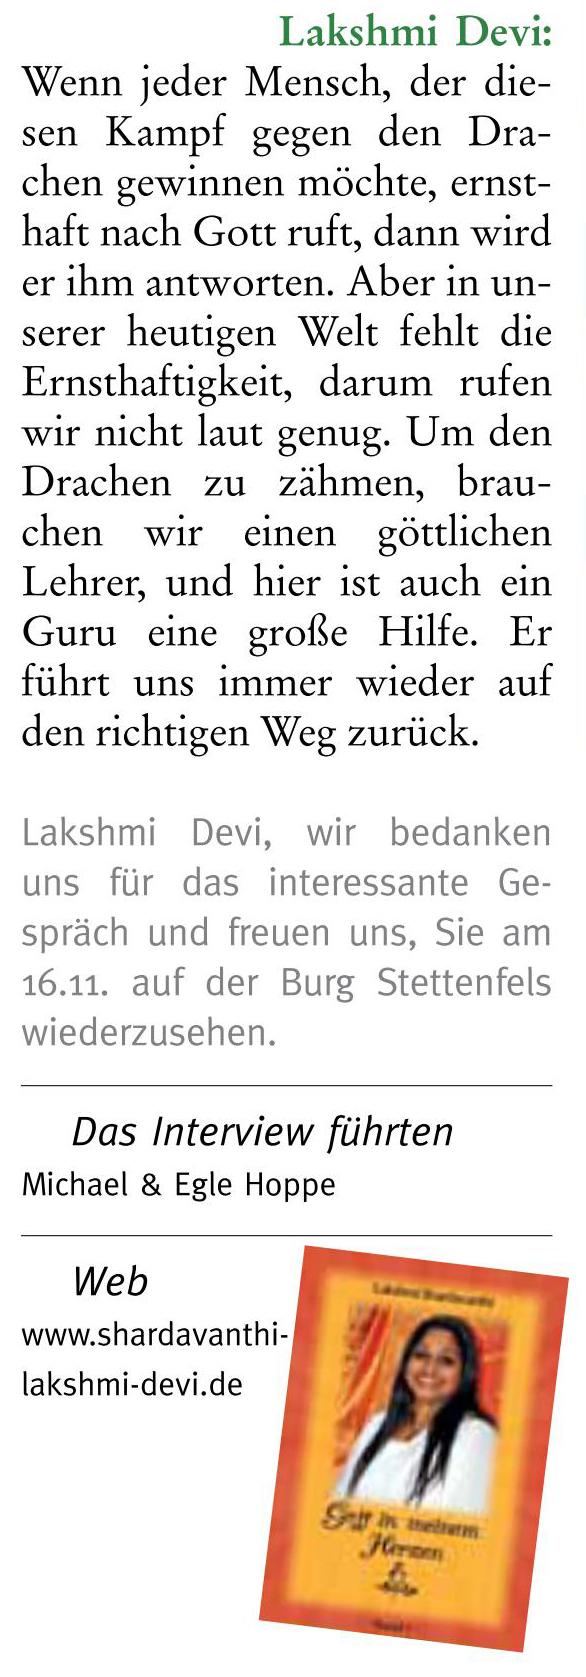 InterviewTeil7